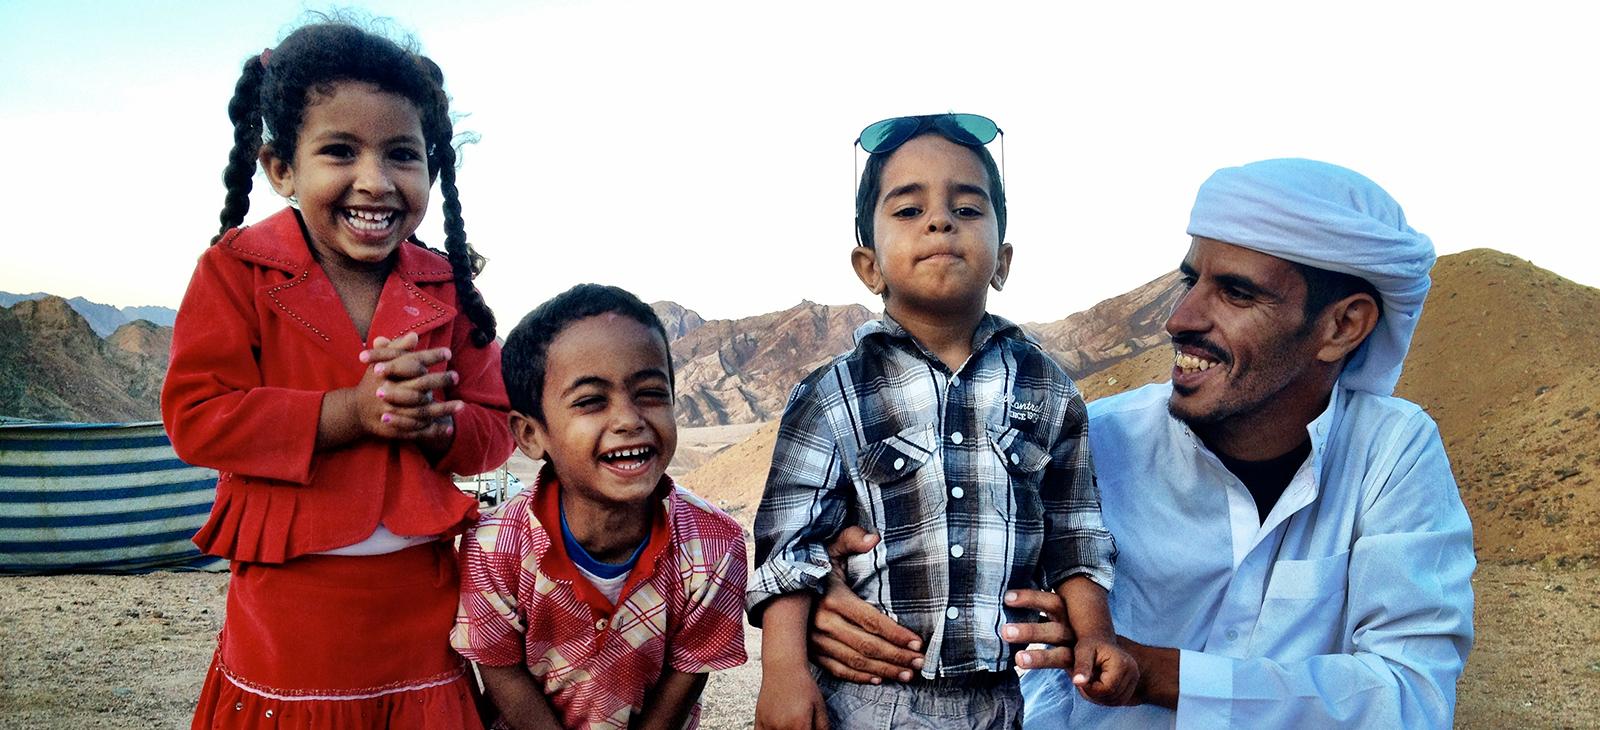 ibrahim-yussuf-kids.jpg